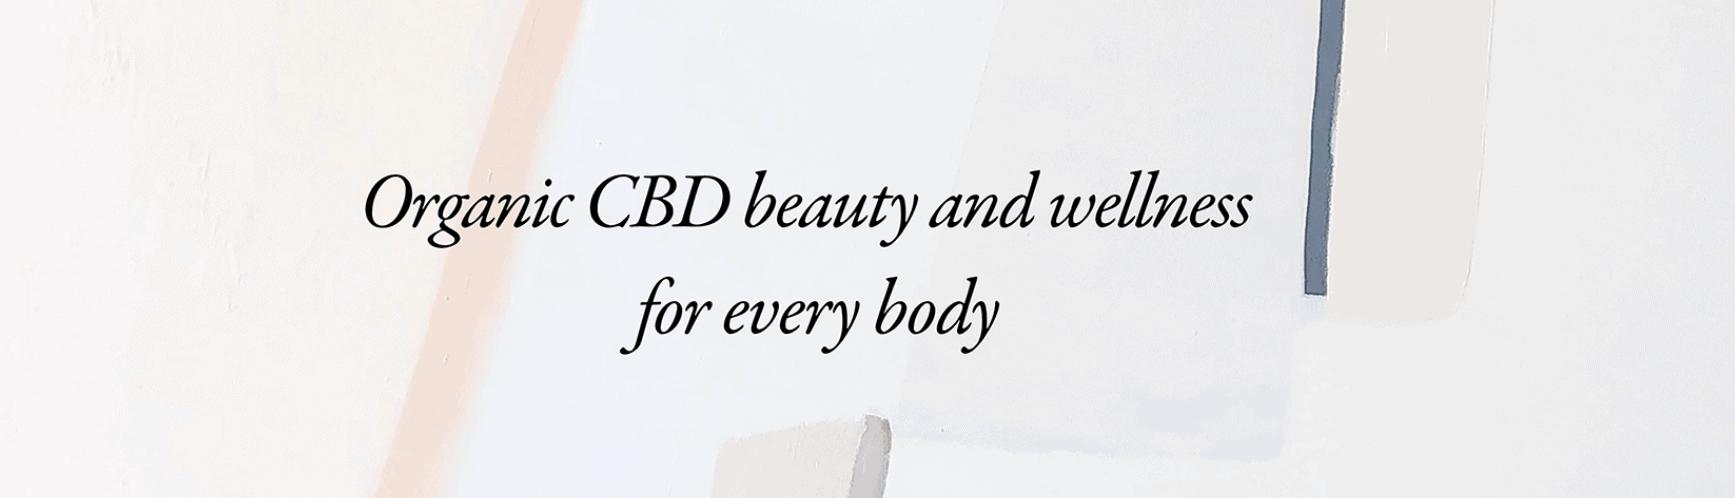 Kiskanu CBD Coupons Wellness For Life